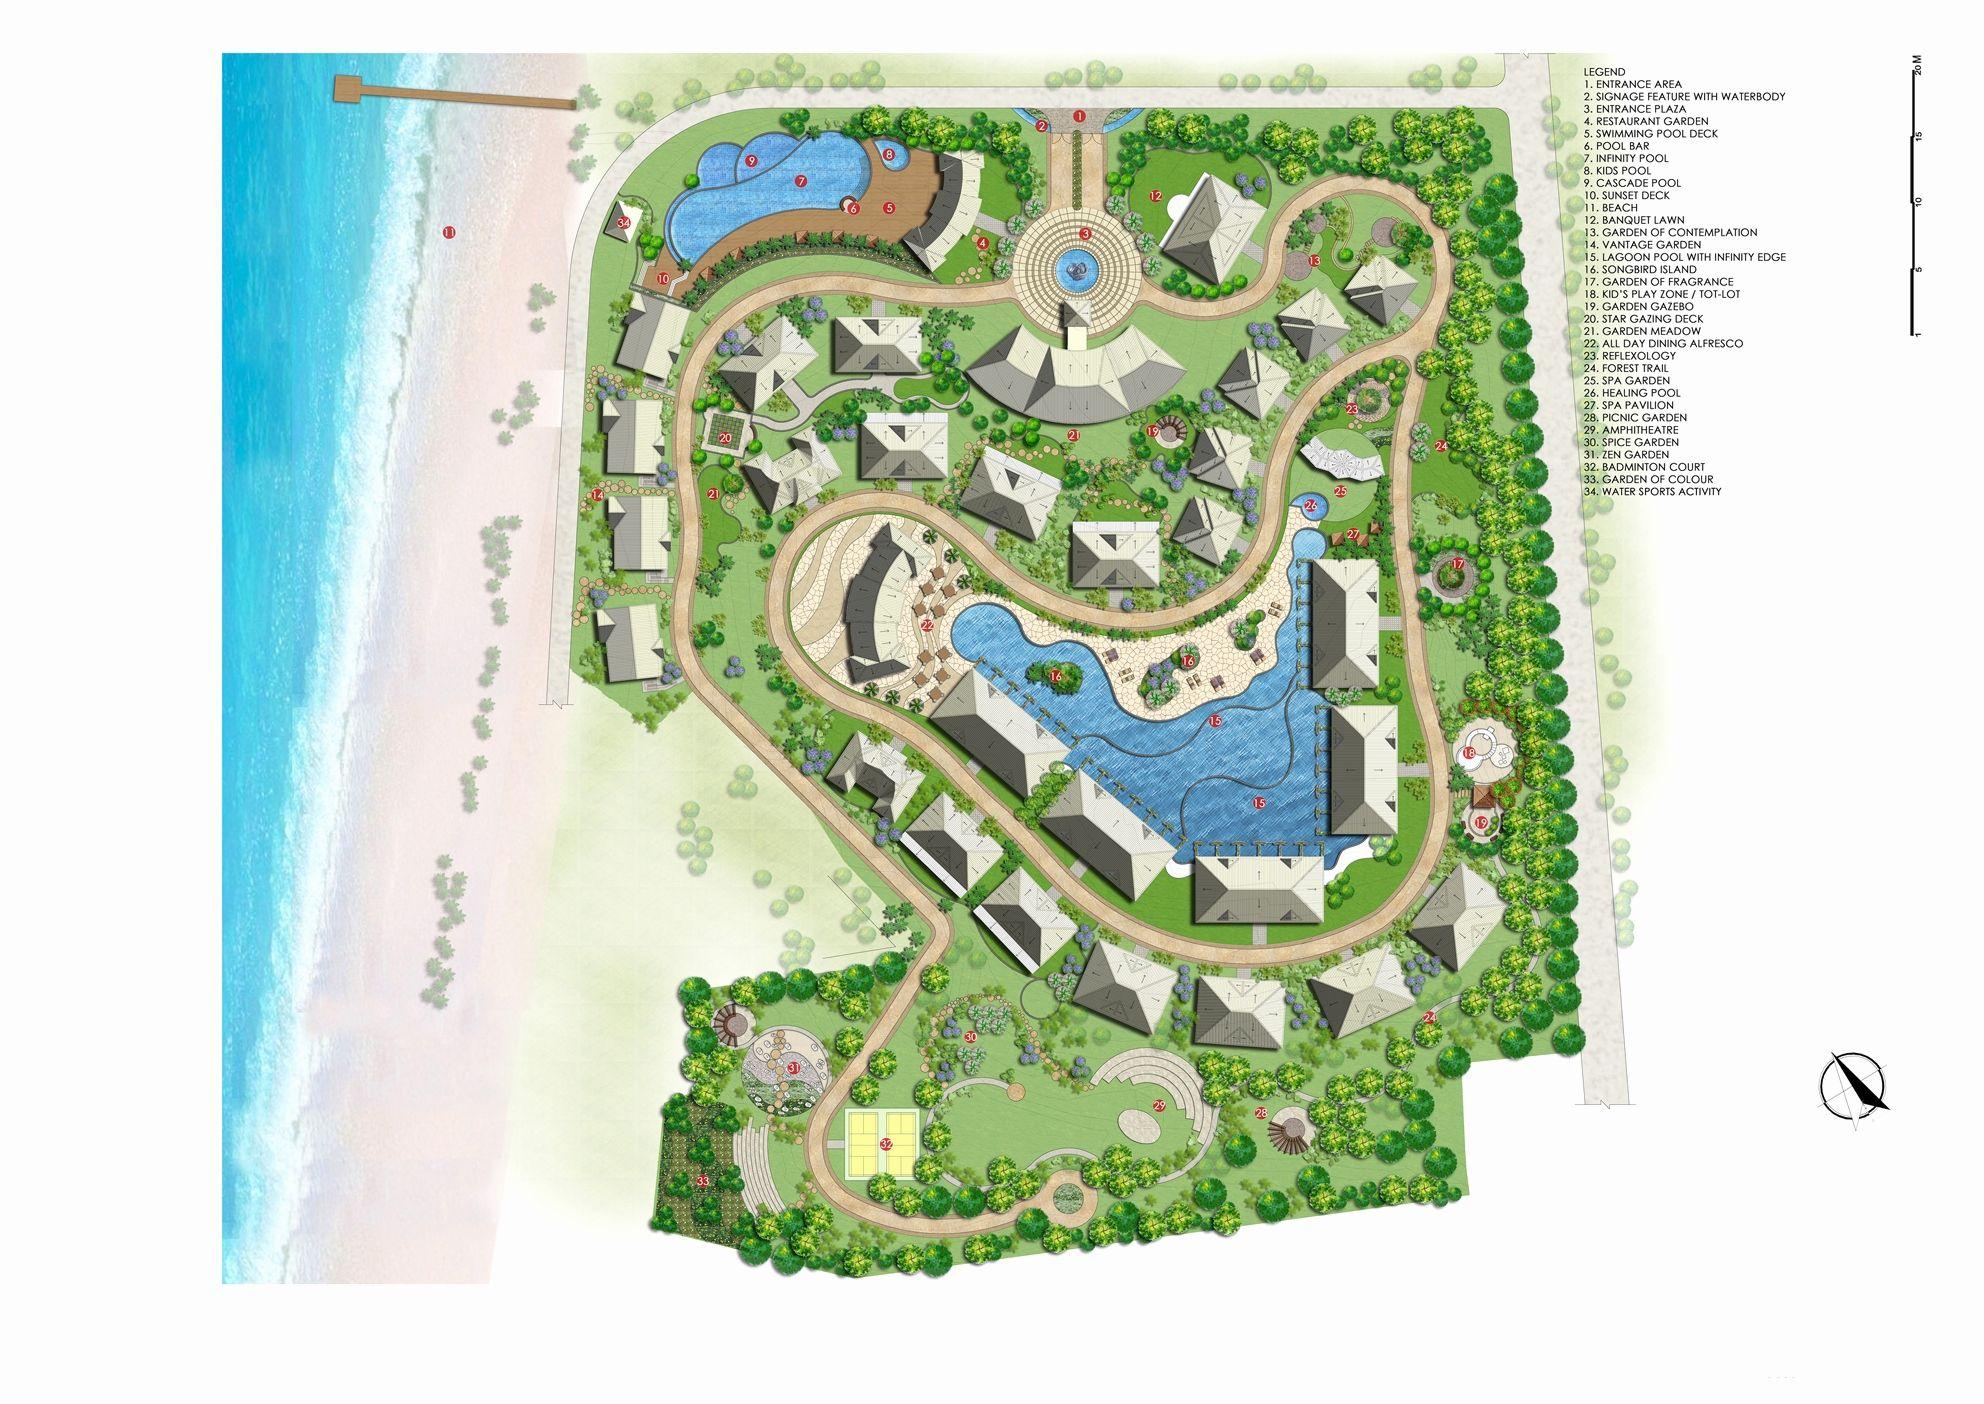 Landscape Features Luxury Site Plan Landscape Features Silver Beach Resort And Landscape Resort Design Beach Resort Design Site Plan